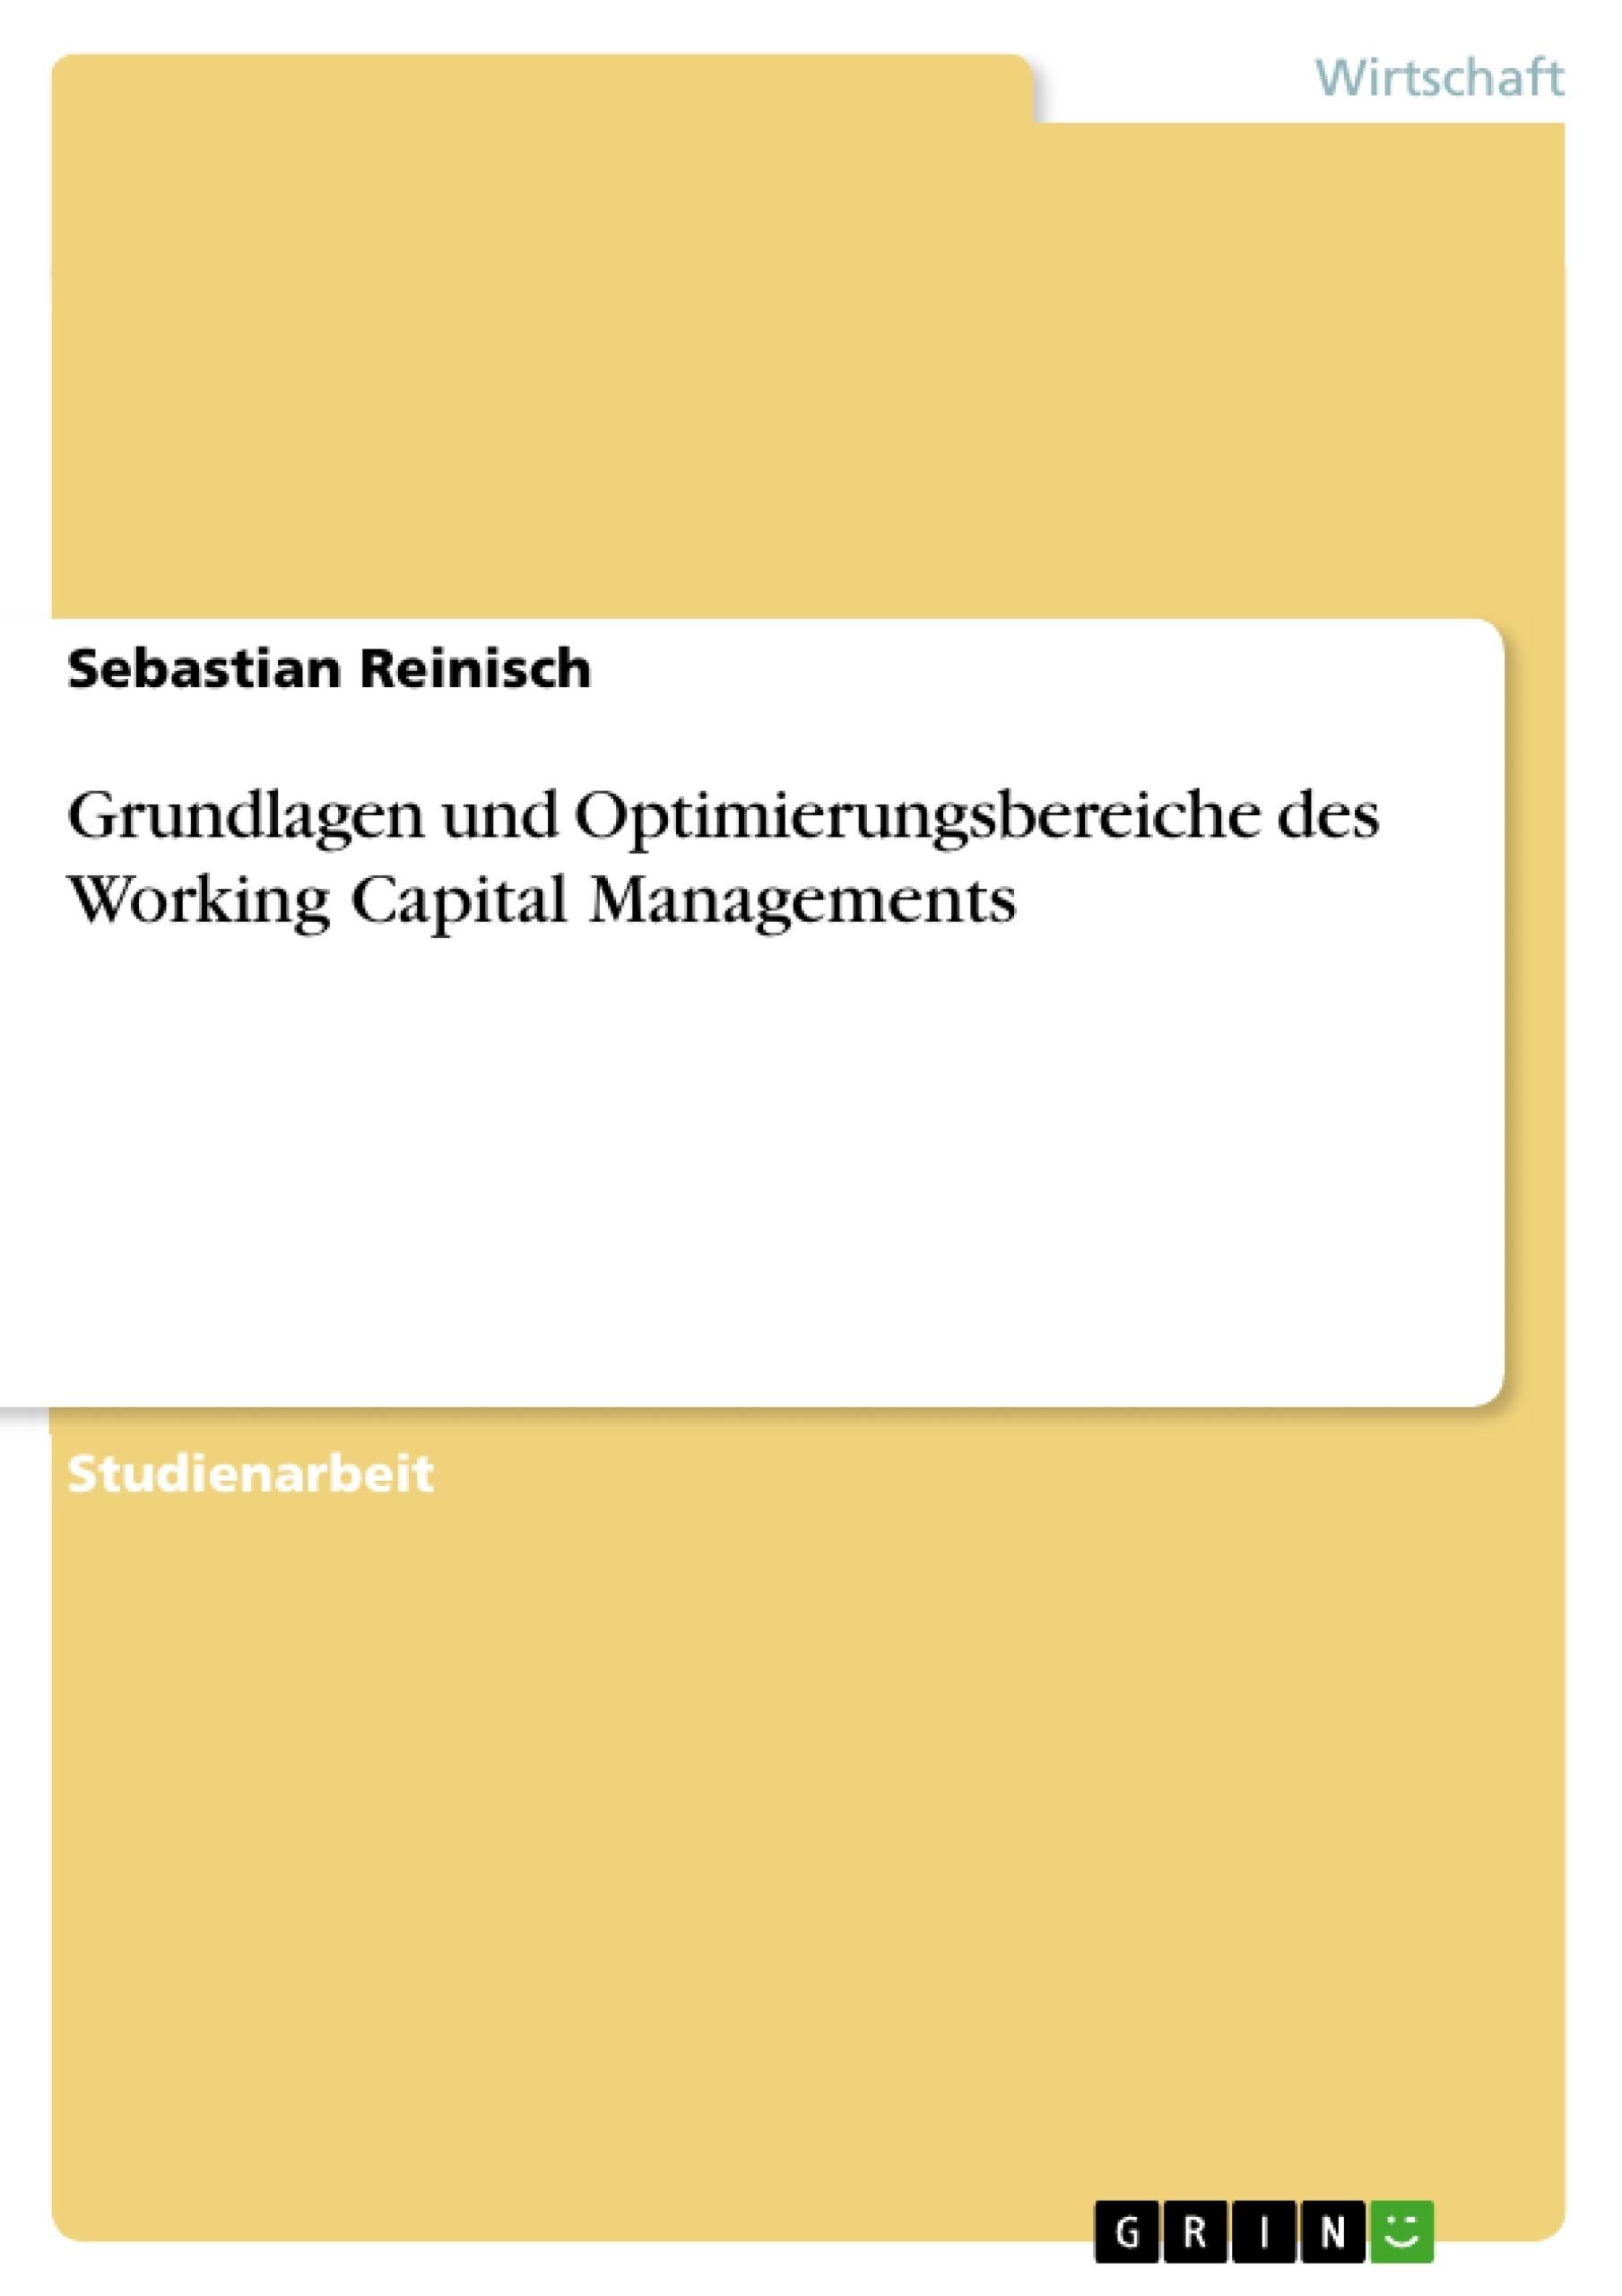 Titel: Grundlagen und Optimierungsbereiche des Working Capital Managements